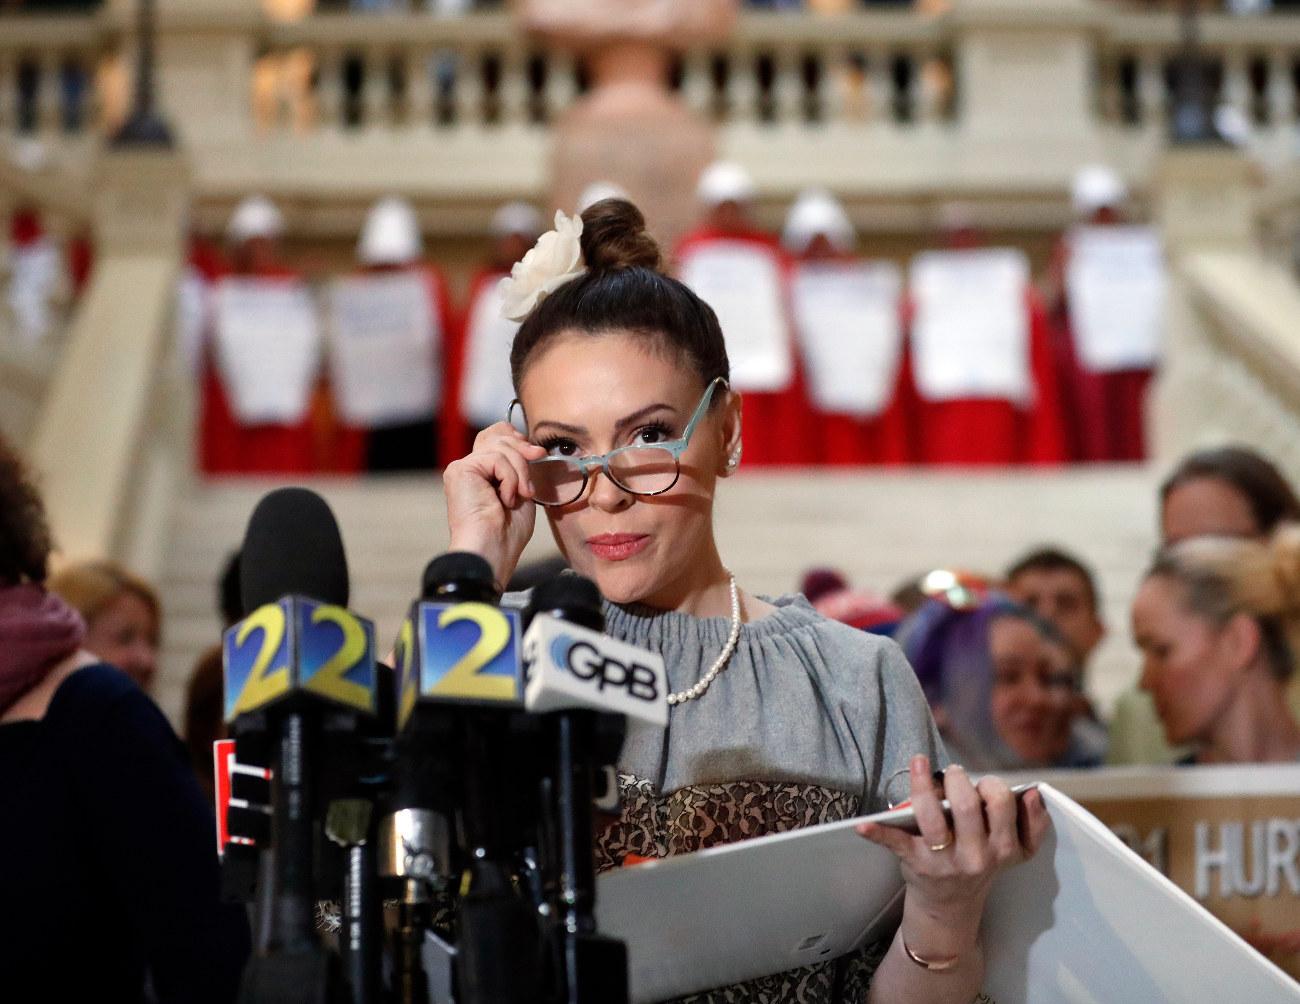 Η Αλίσα Μιλάνο κρατά τα γυαλιά οράσεως στα χέρια της ενώ απευθύνεται σε ΜΜΕ